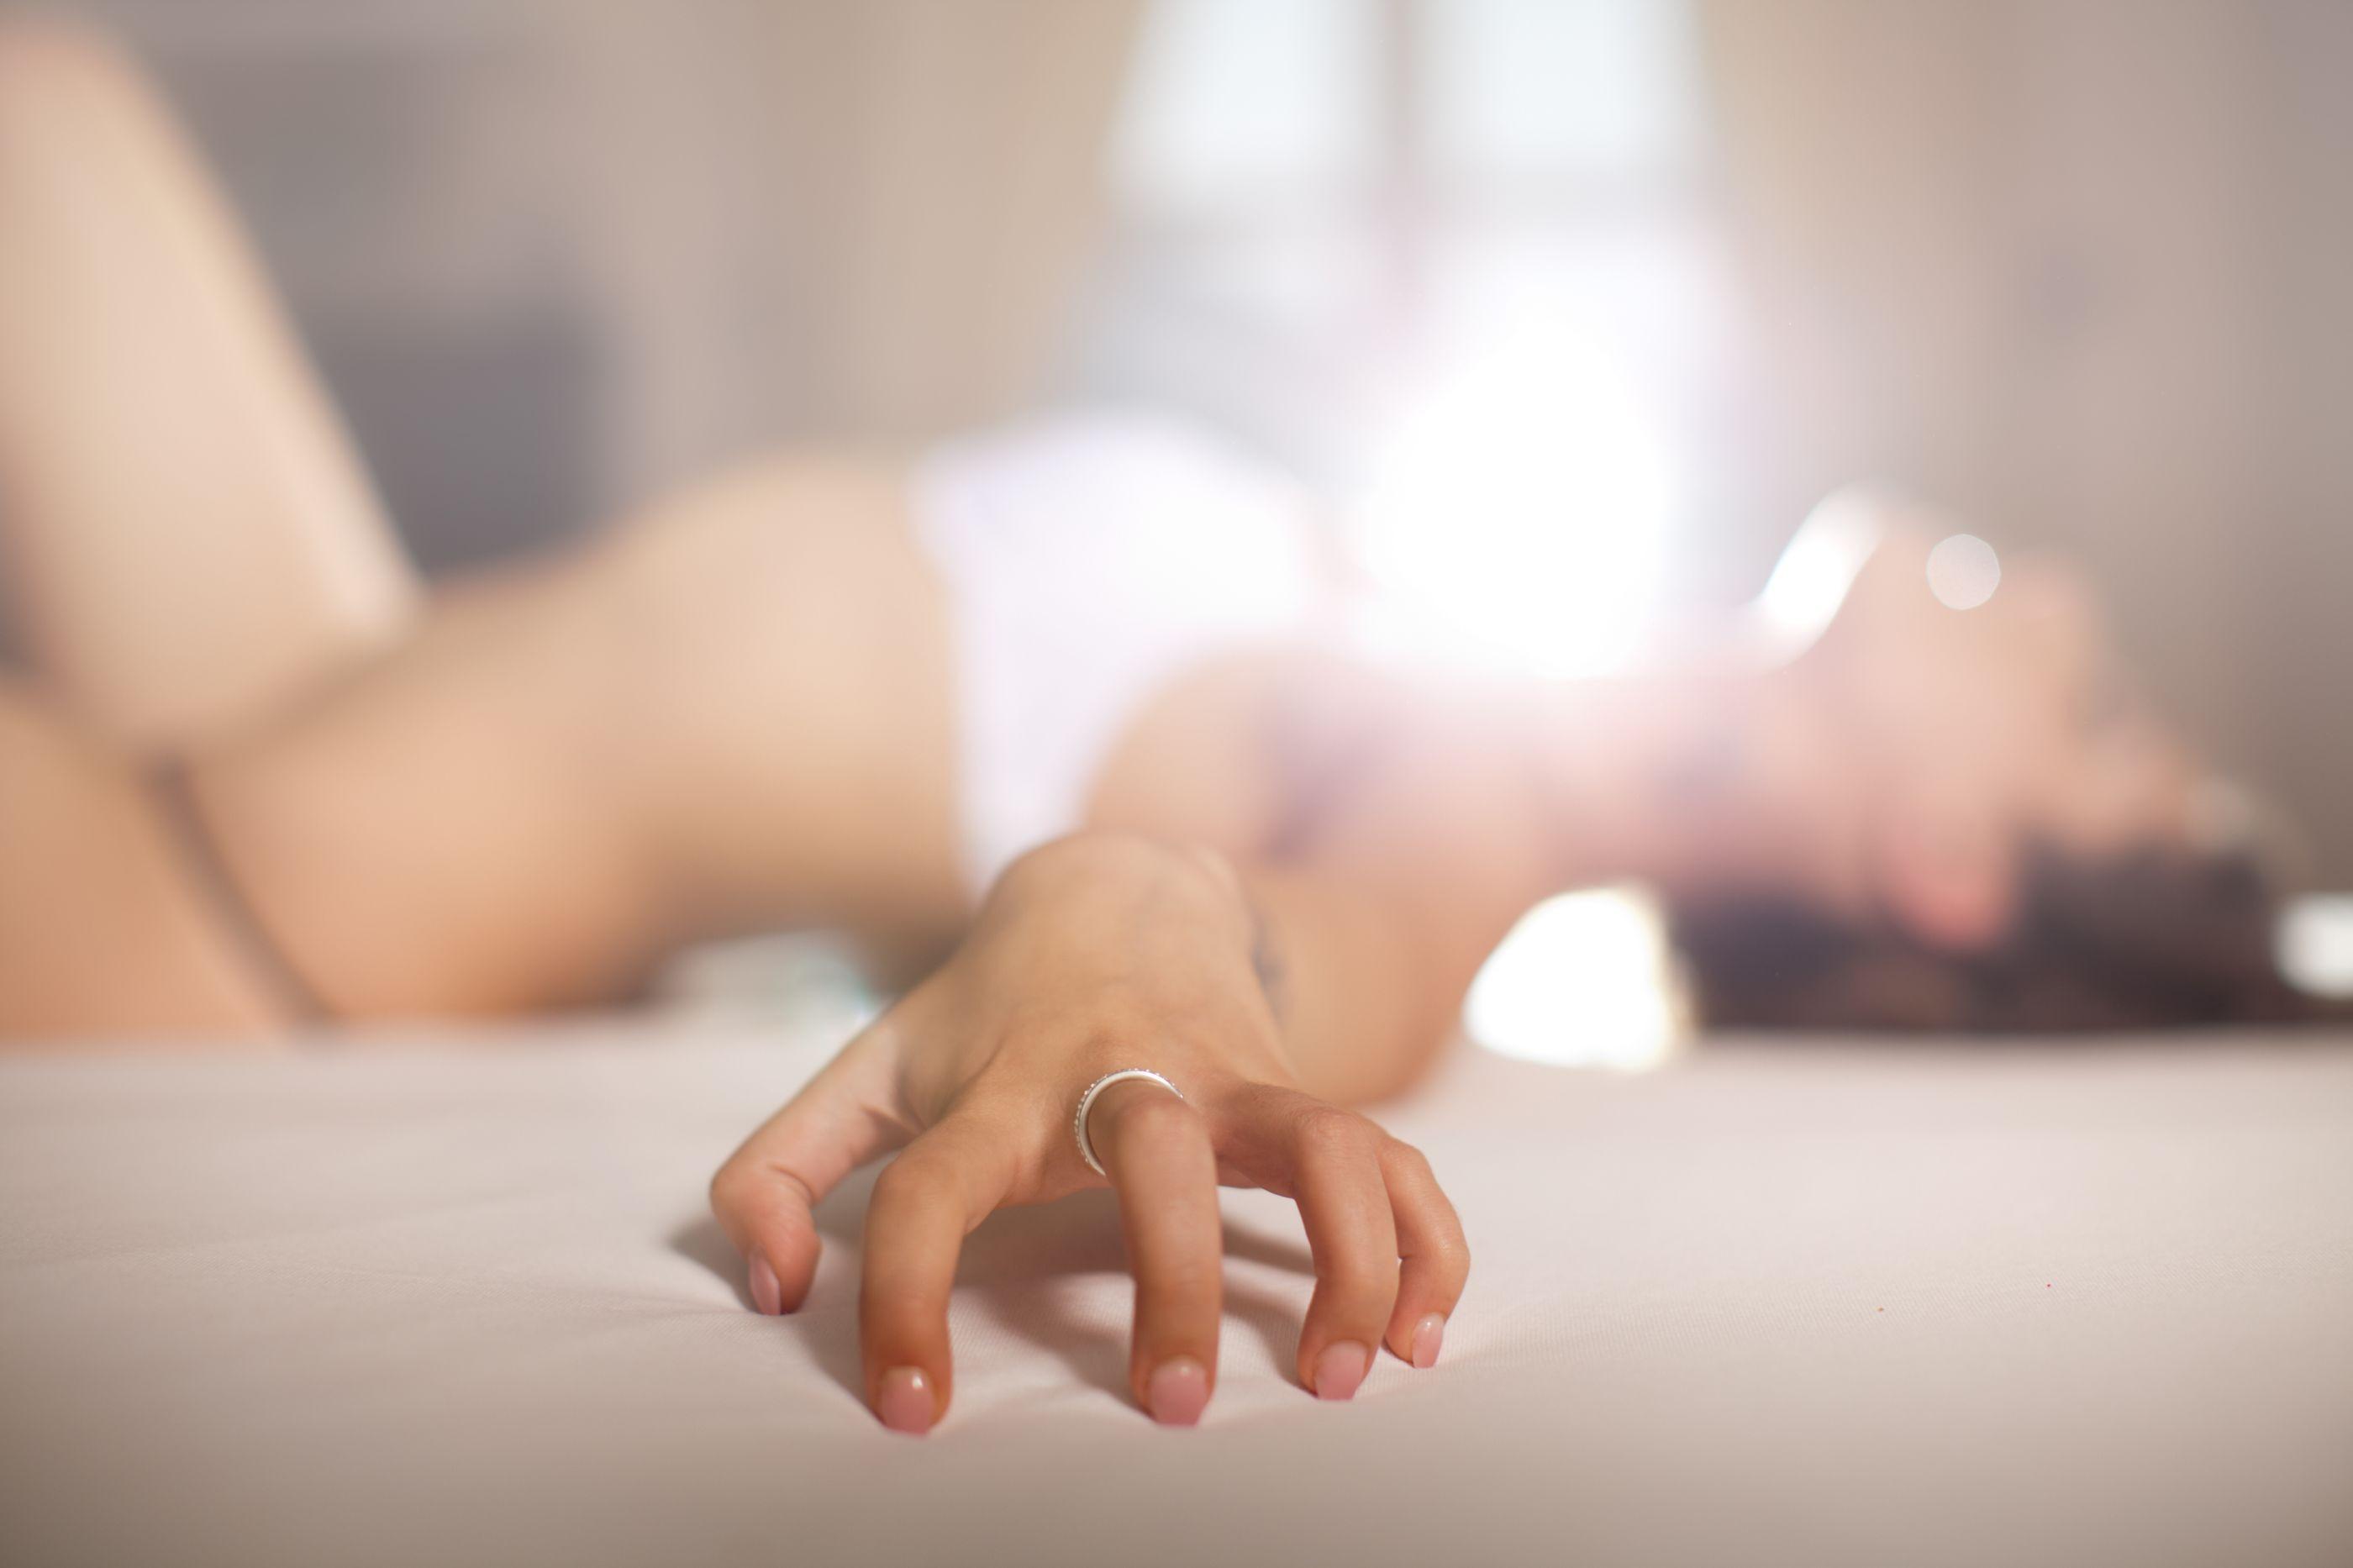 Orgasmos mais duradouros? É possível, com este simples truque